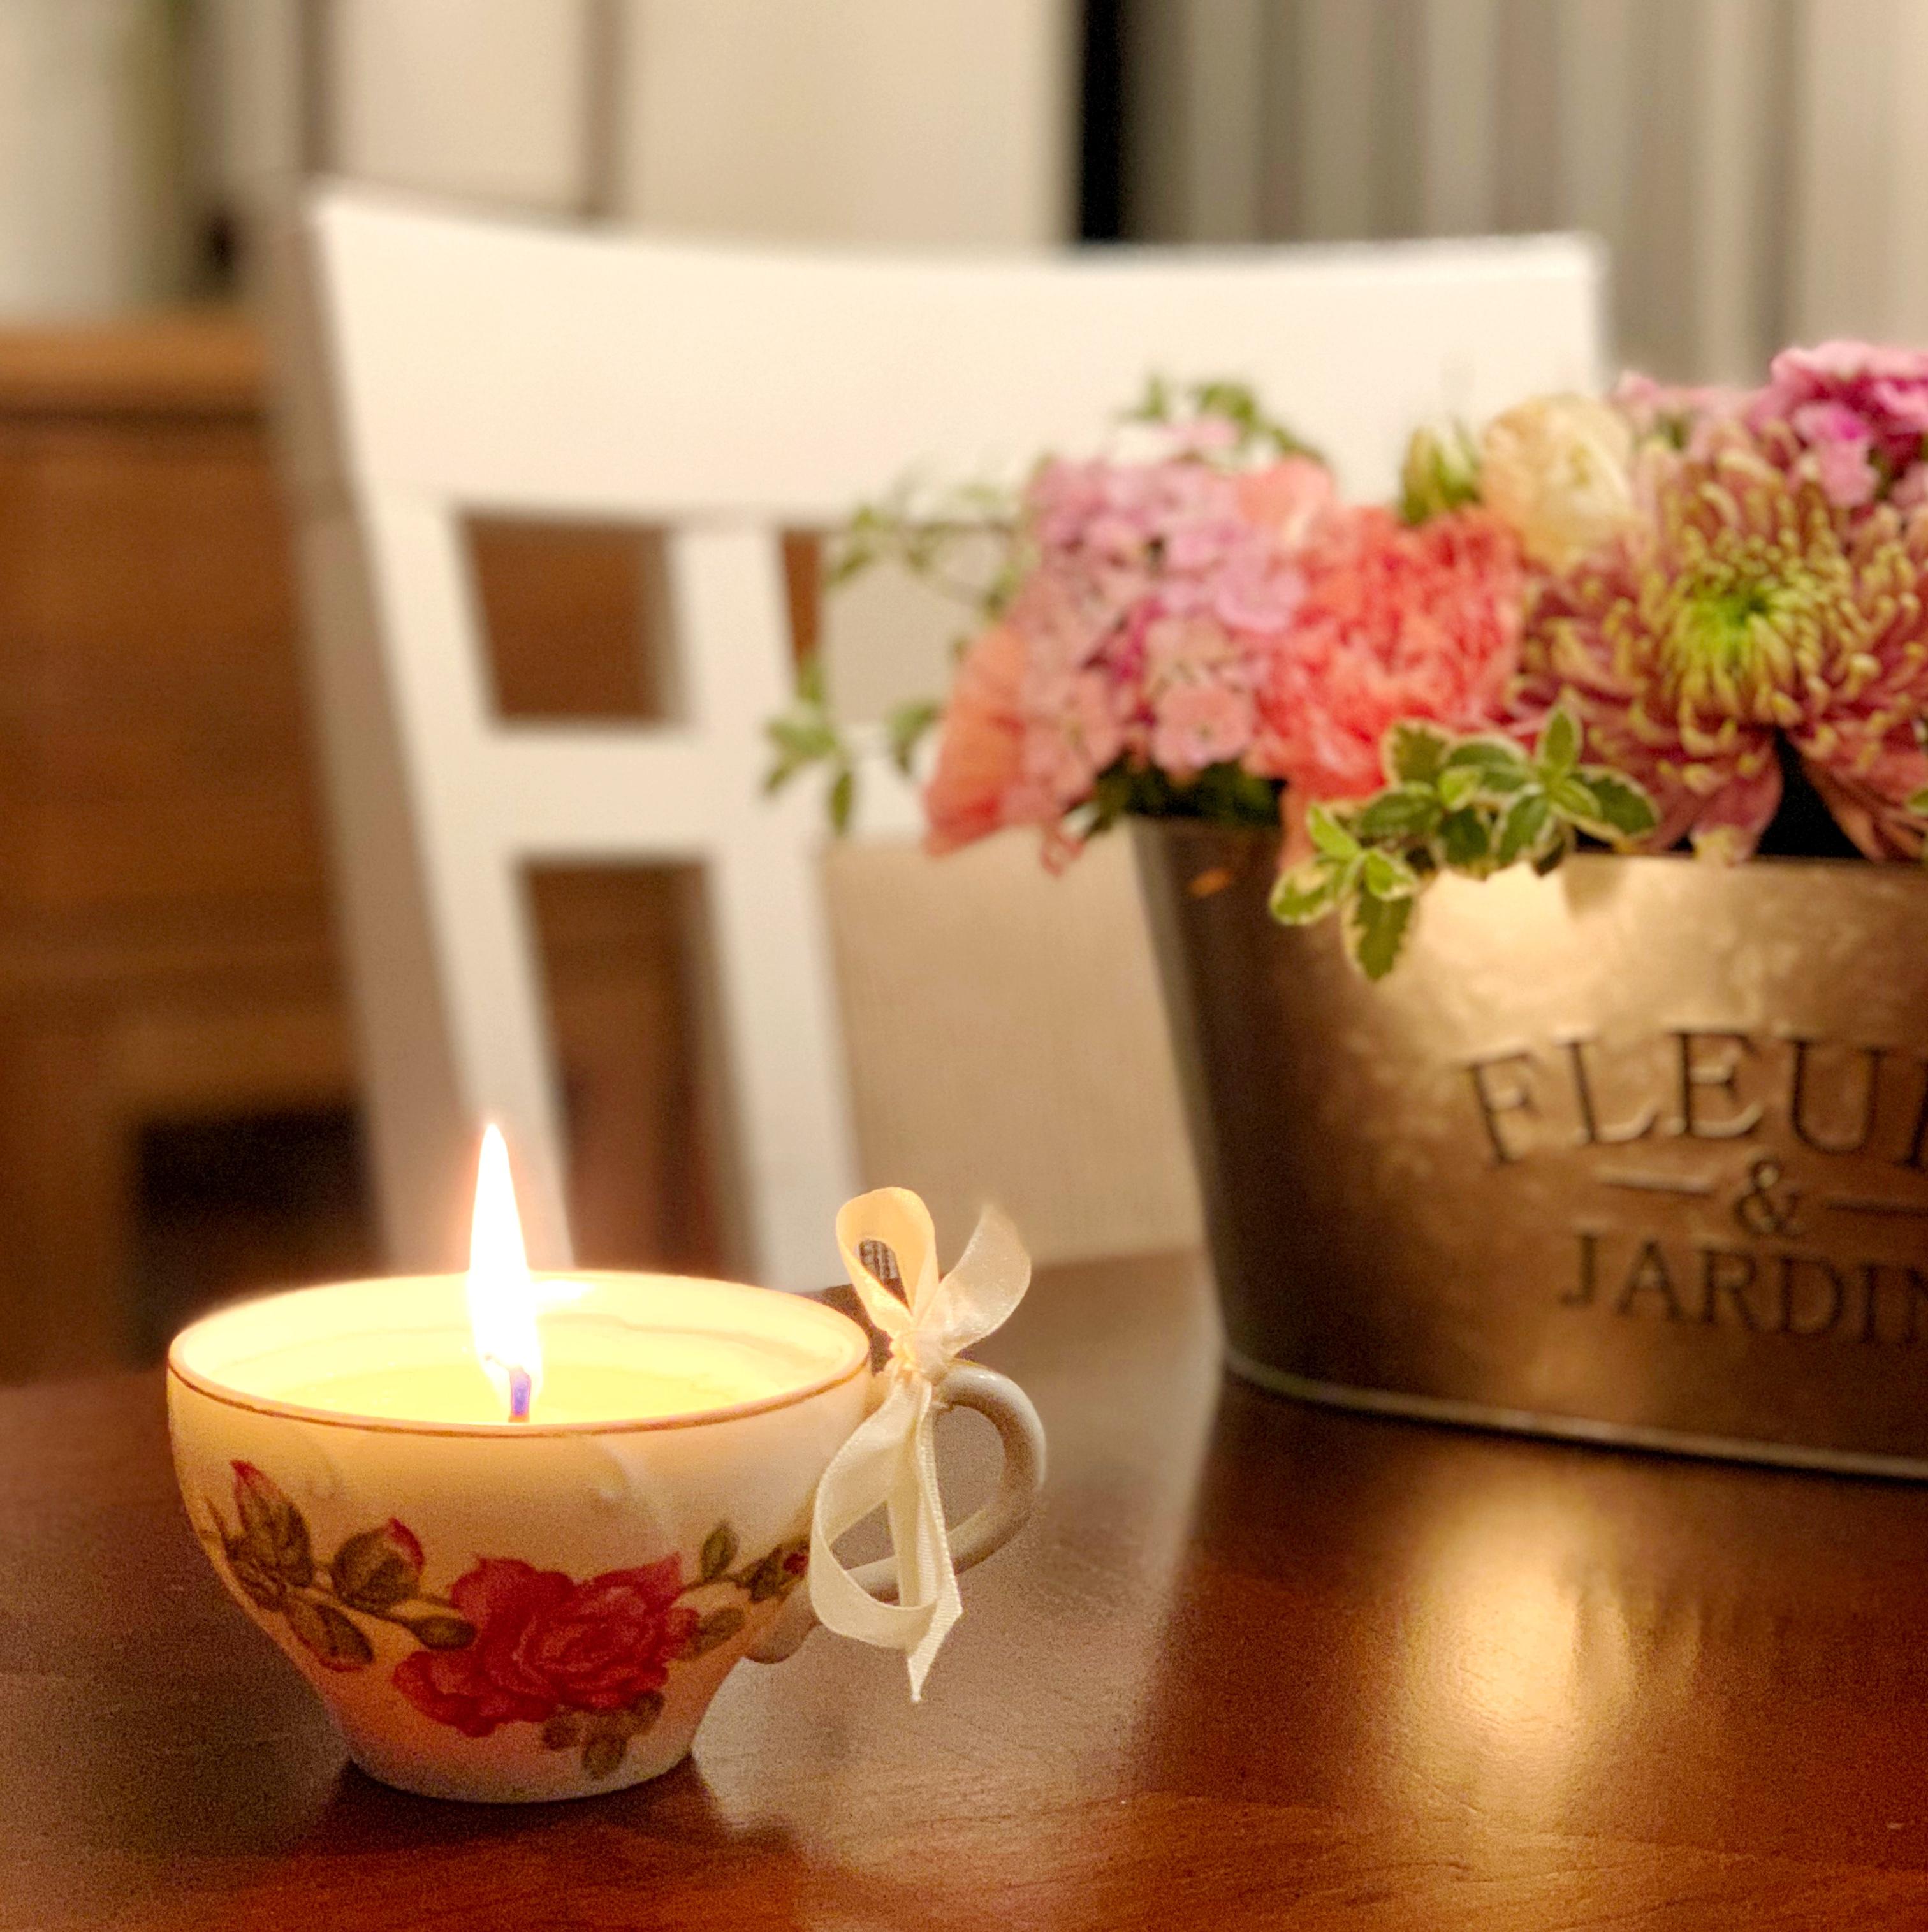 Teahouse: Teacup Candles